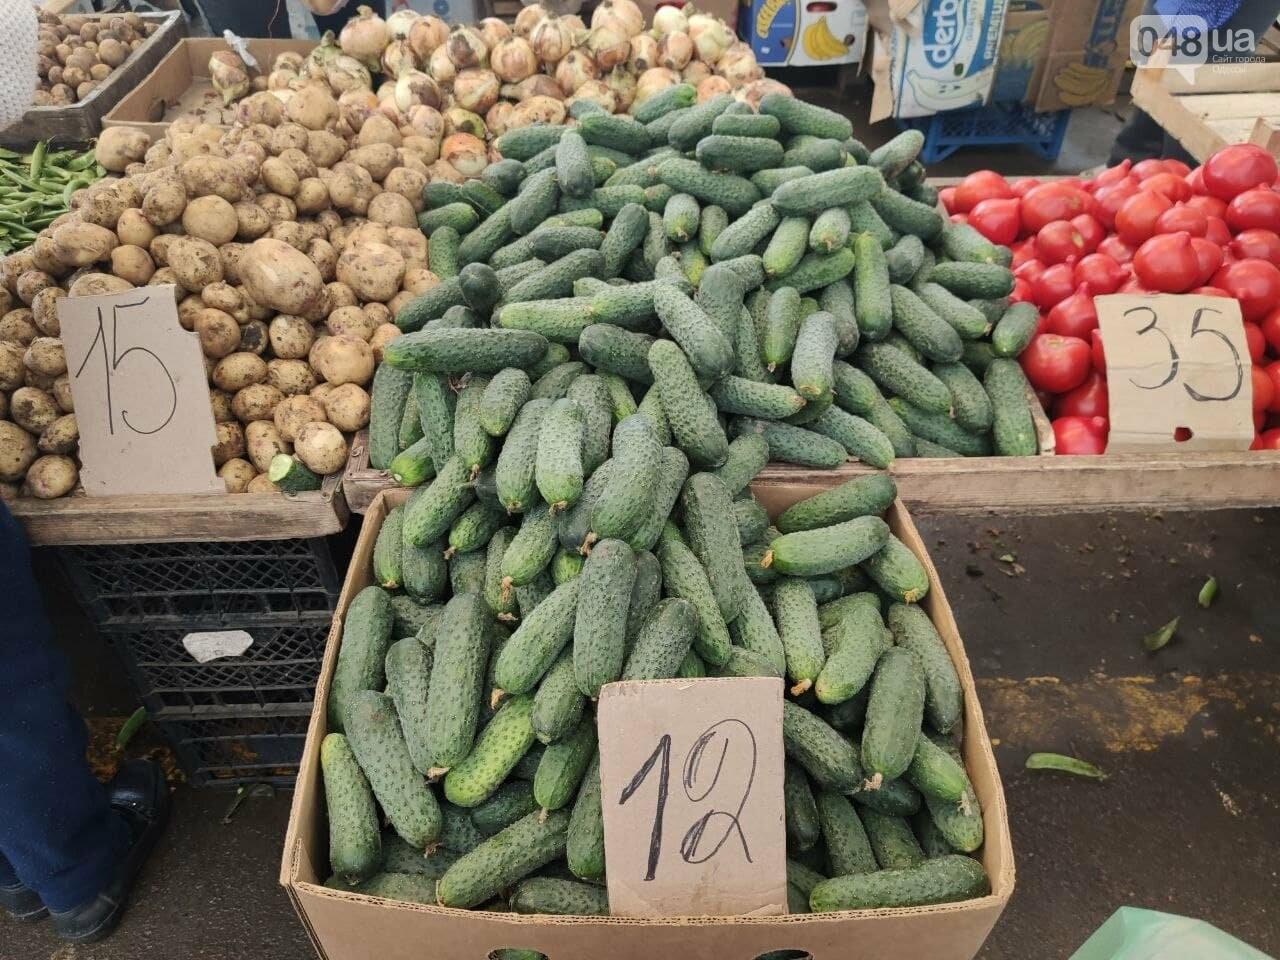 Абрикосы, черешня, кабачки: почем на одесском Привозе фрукты и овощи, - ФОТО, фото-2